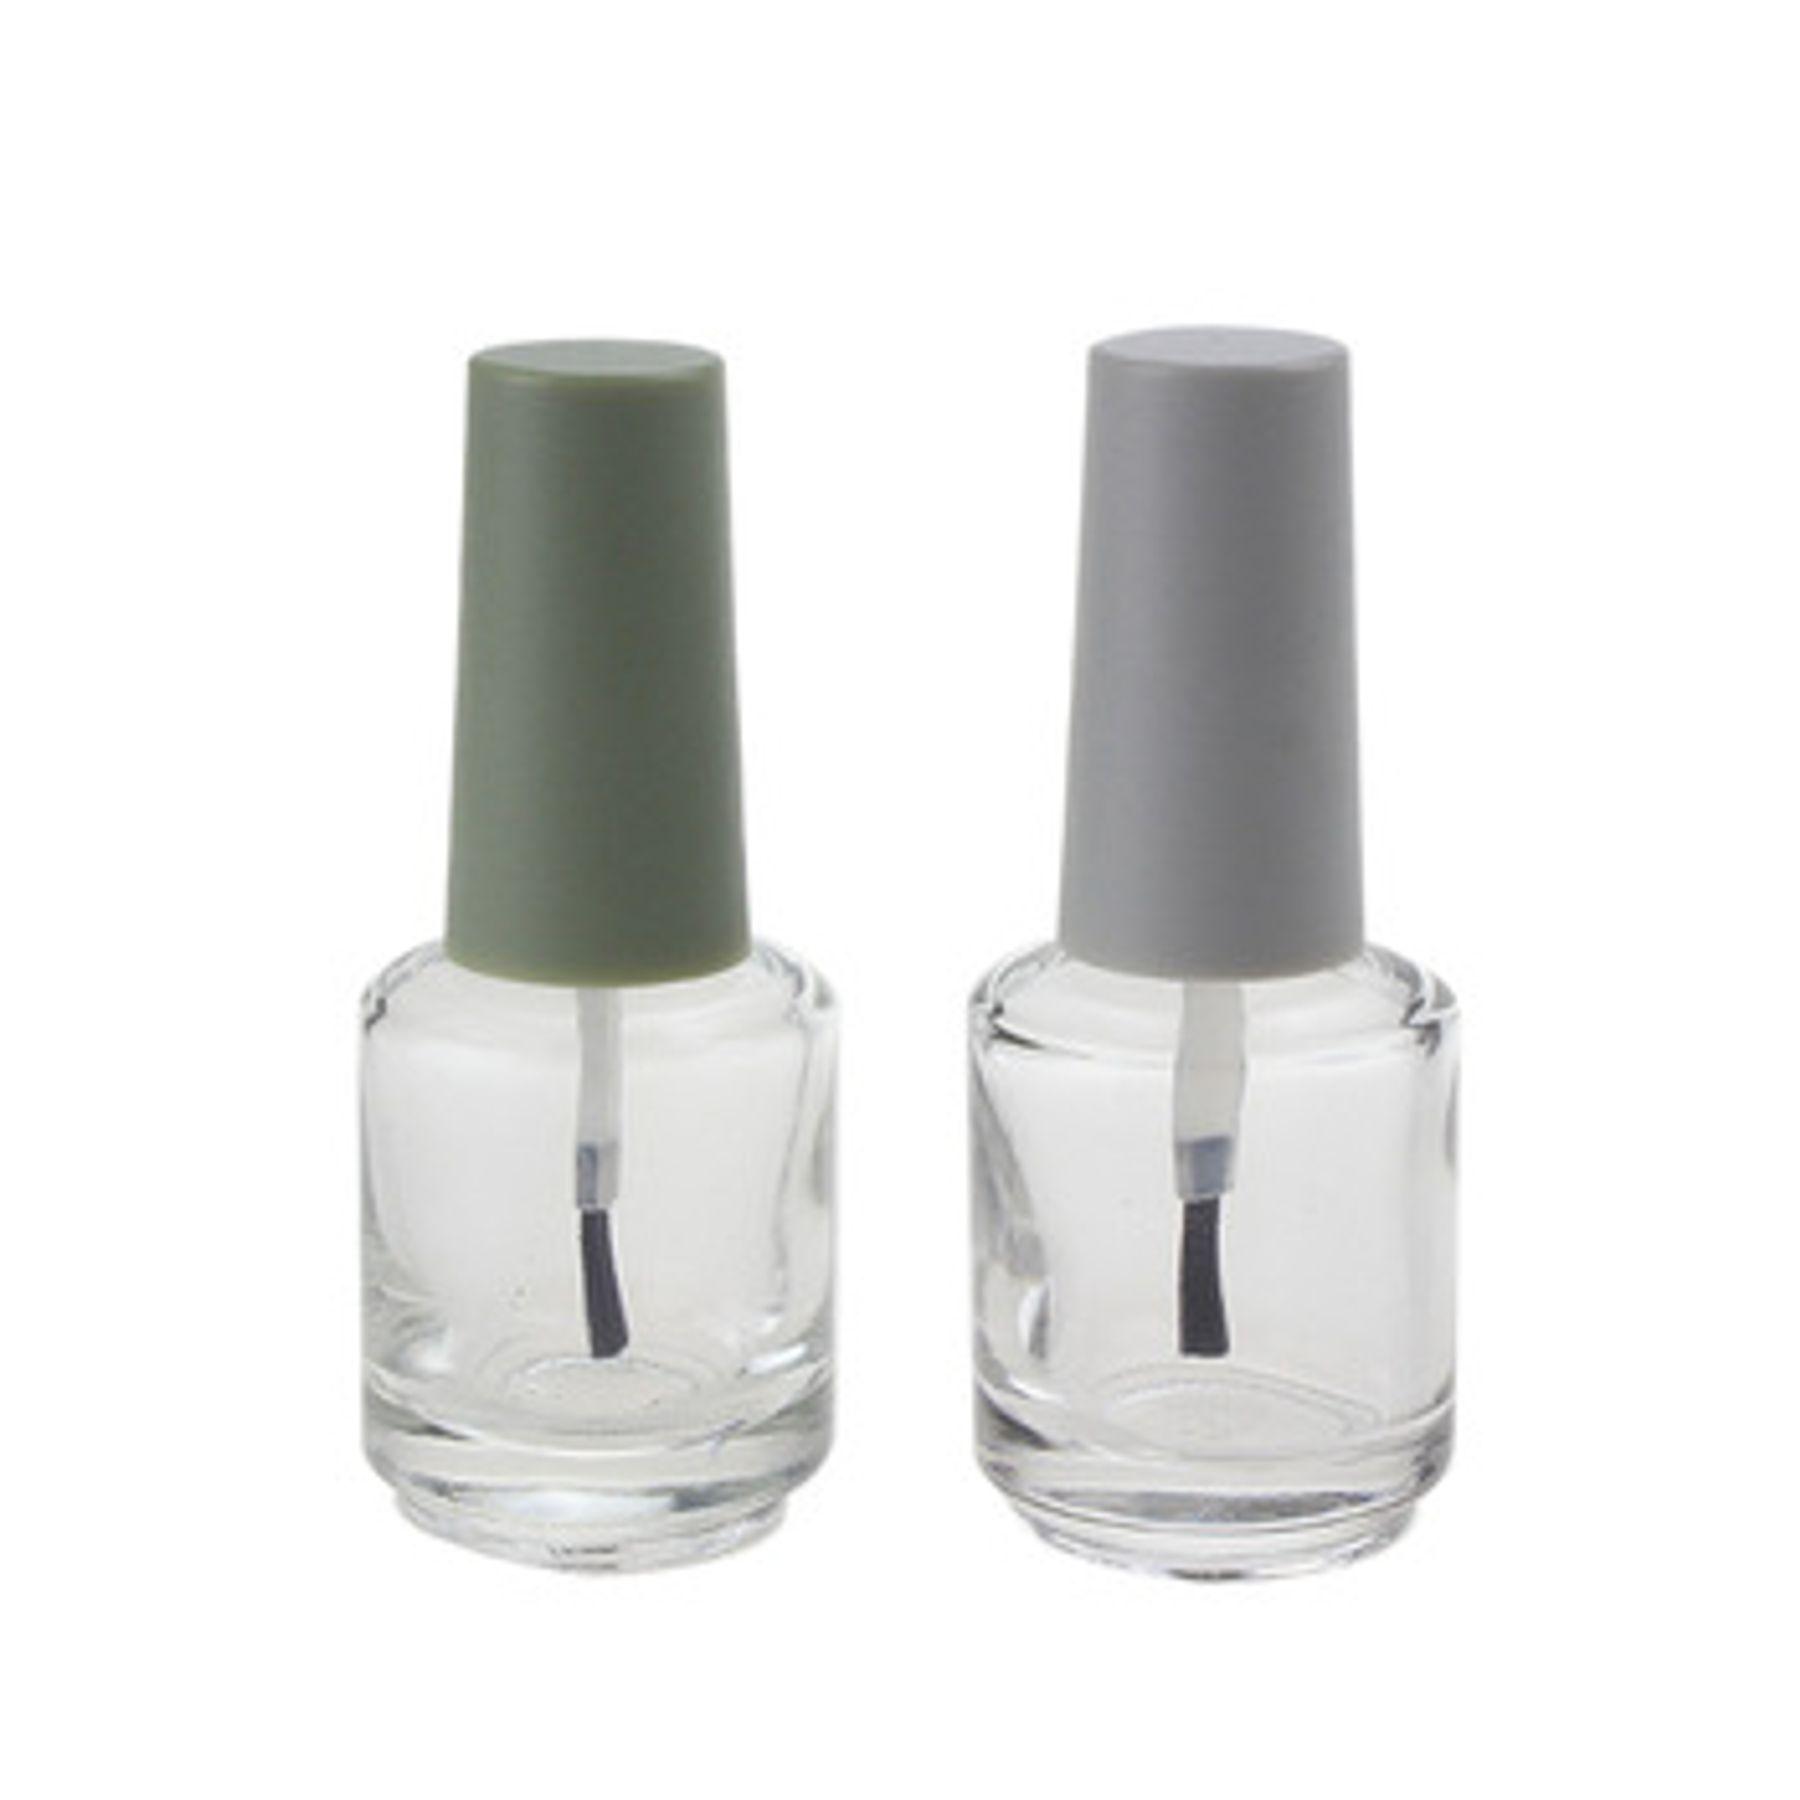 Sử dụng sơn móng tay để xóa vết xước trên kính